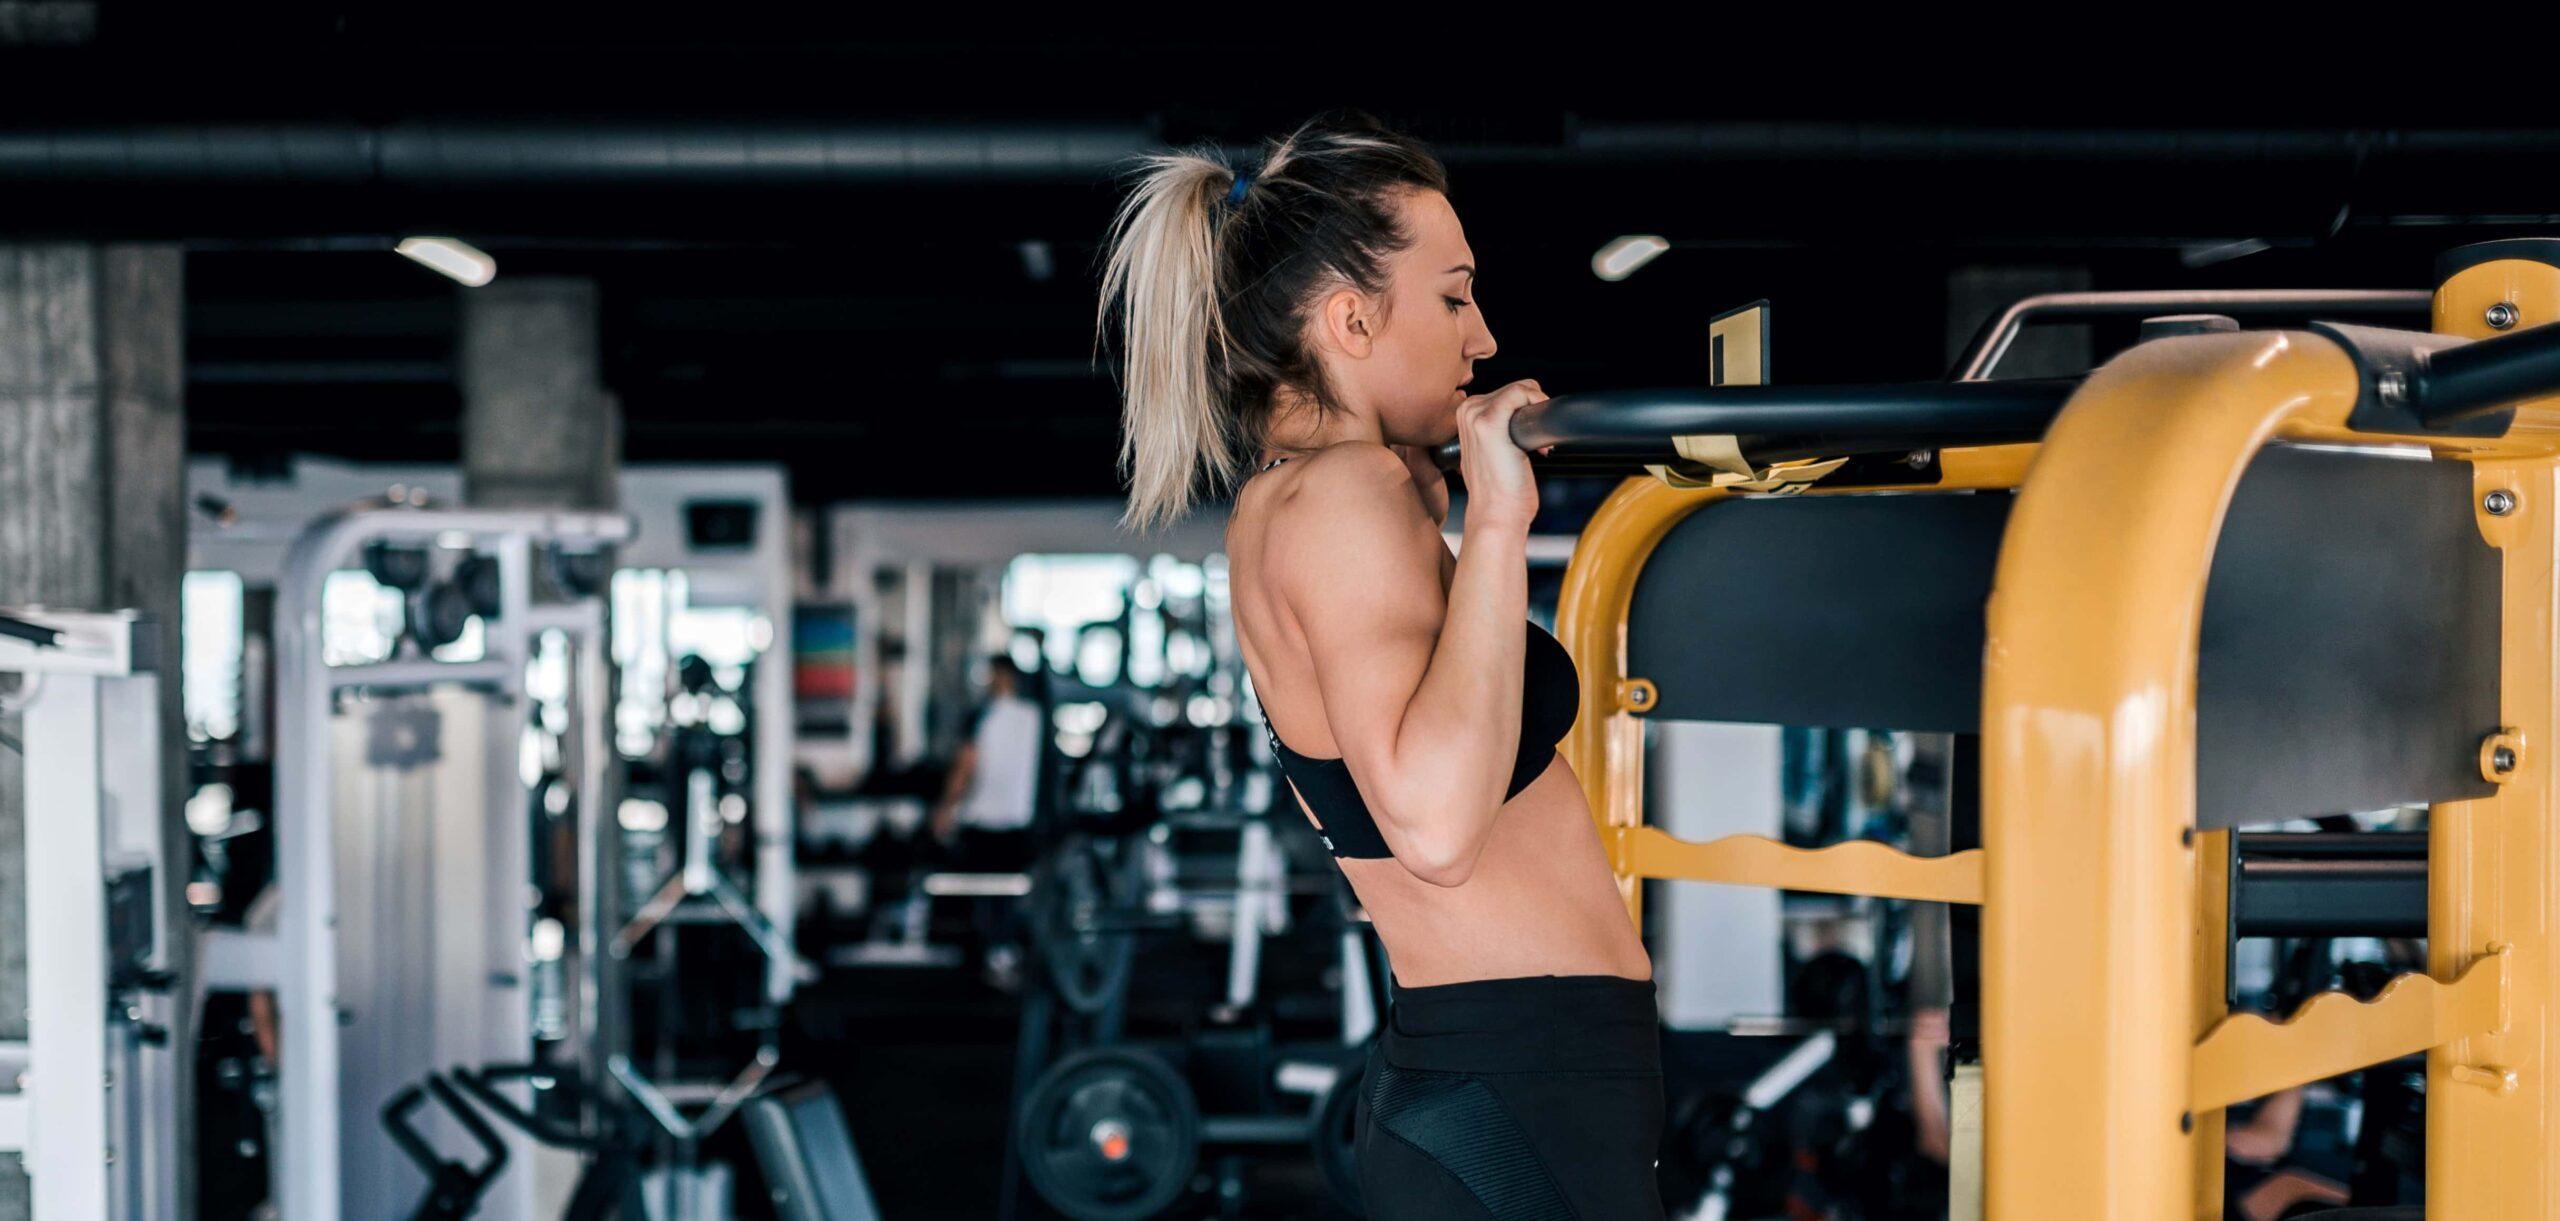 sviluppo massa muscolare donna in palestra